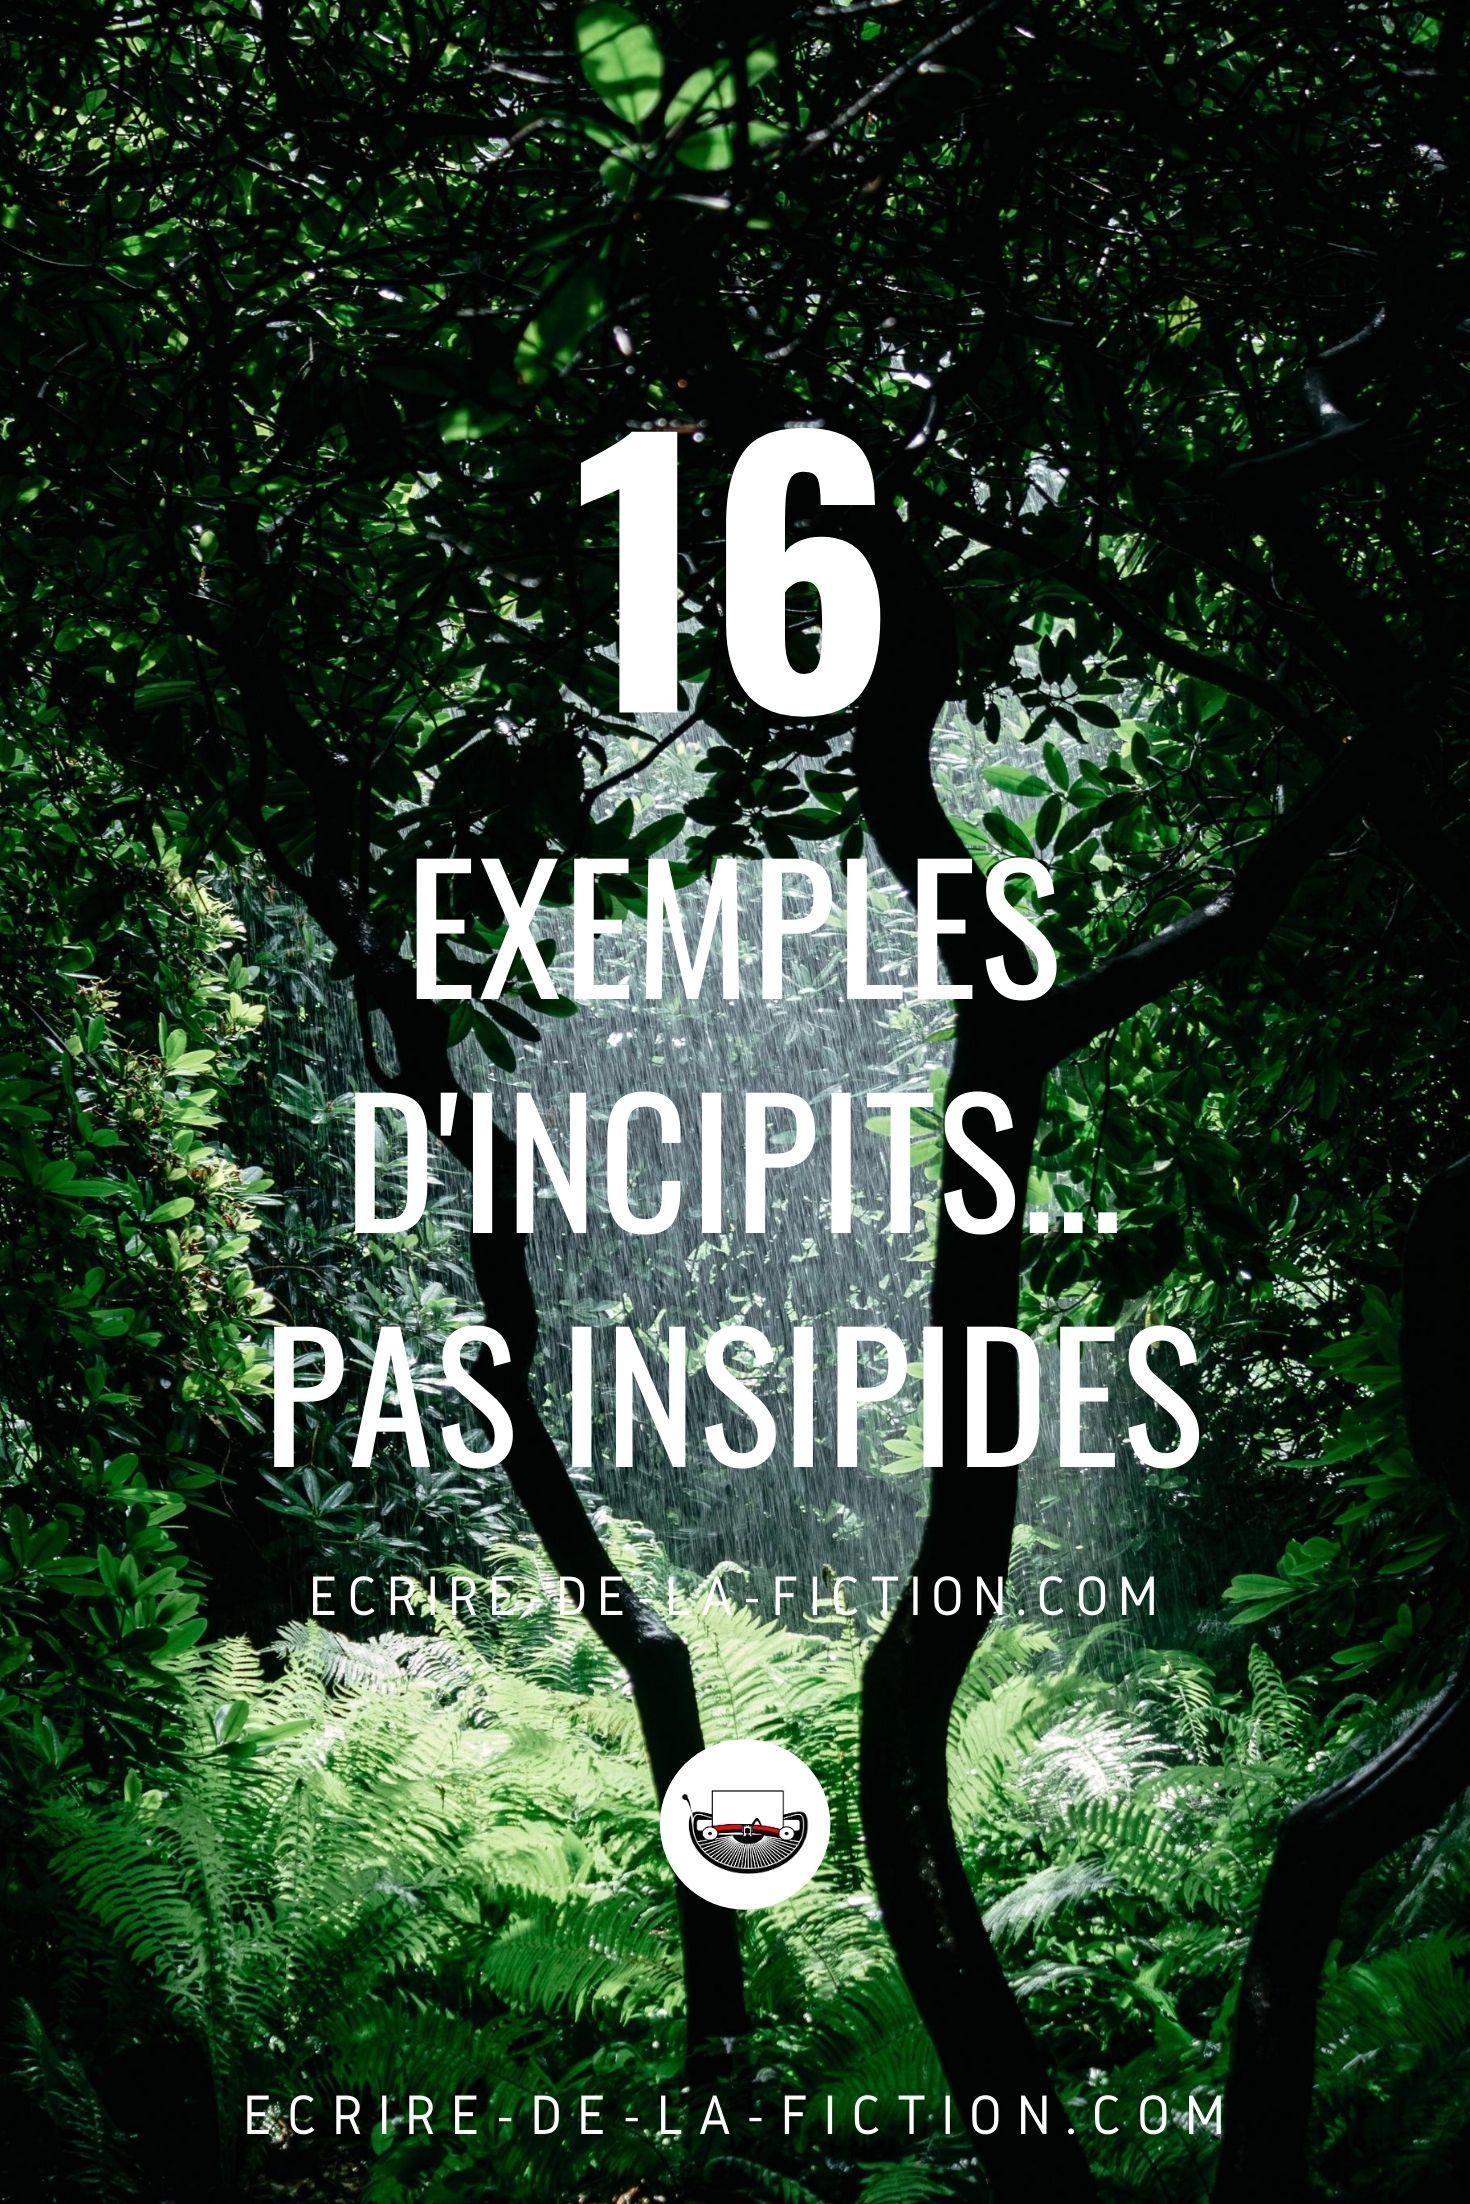 16 exemples d'incipit epingle pinterest